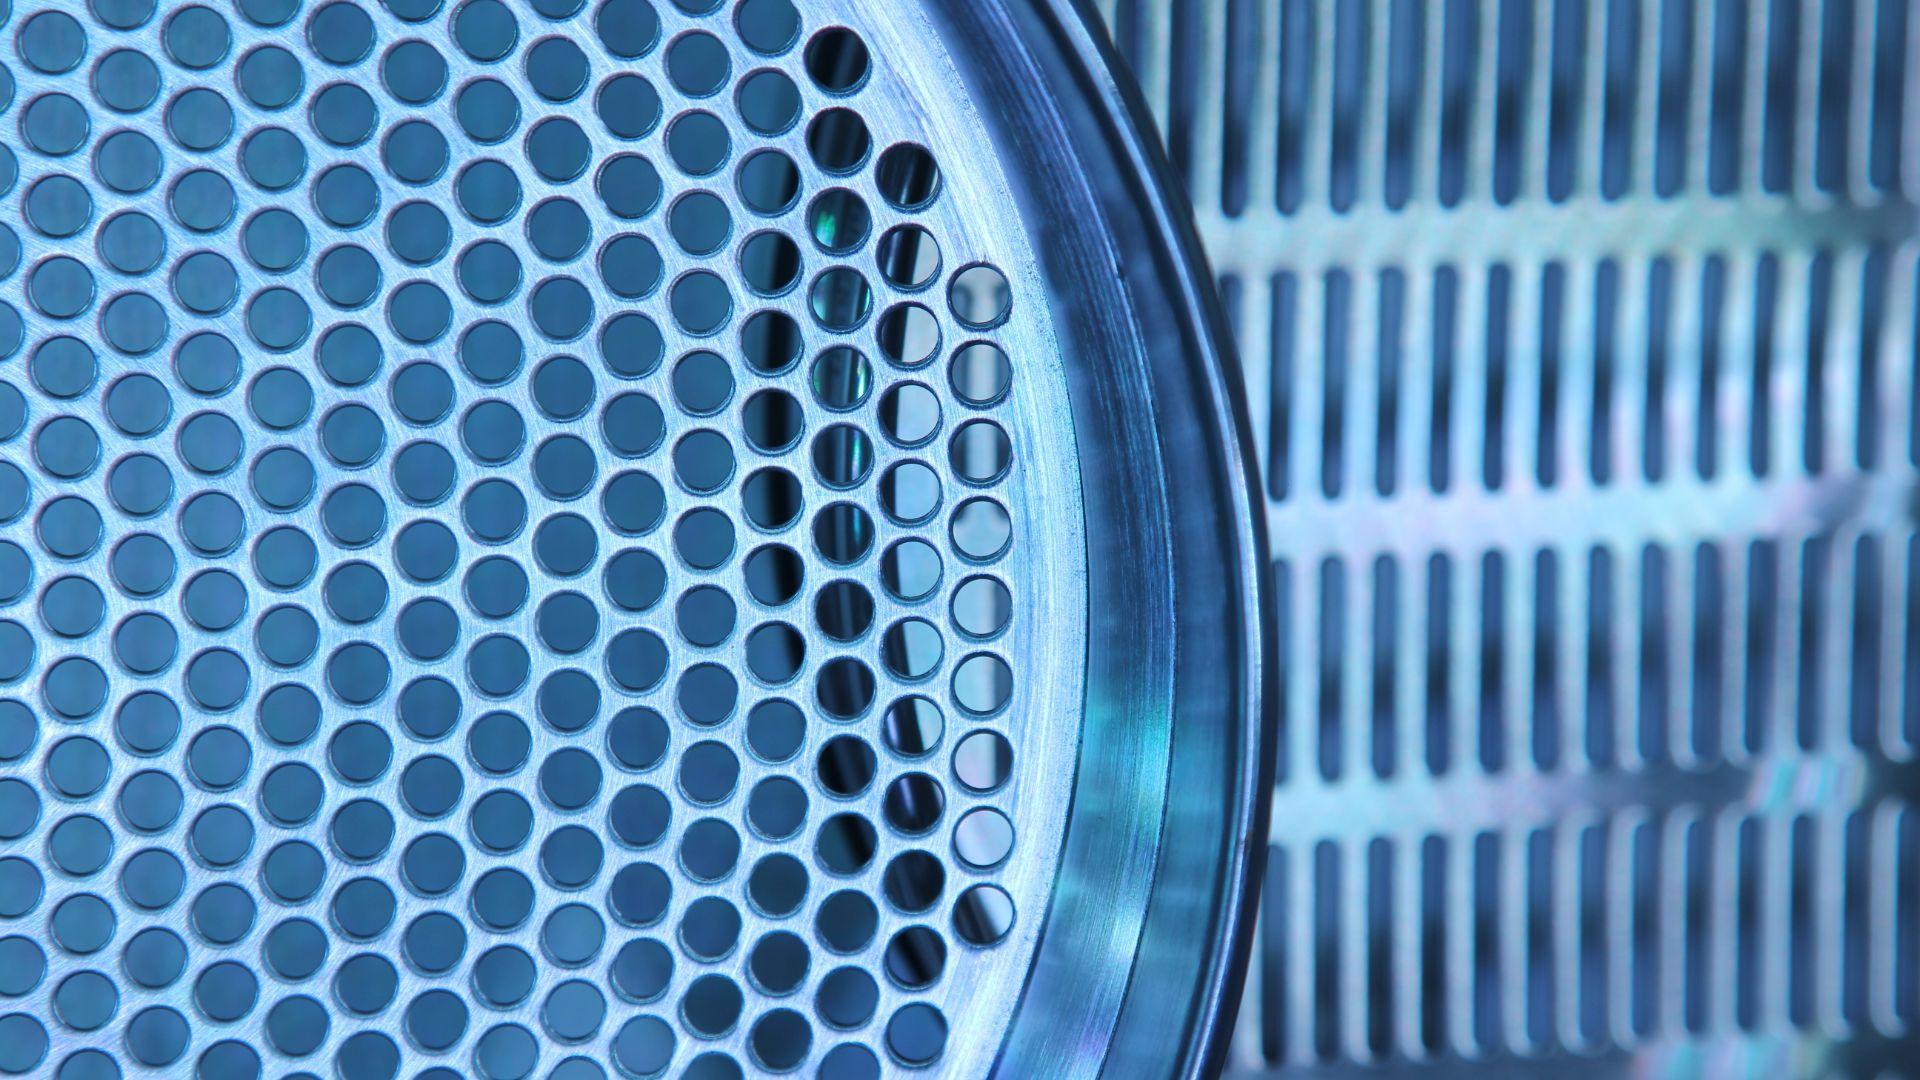 Blau-Metall - Analysensiebe, Laborsiebe nach Norm